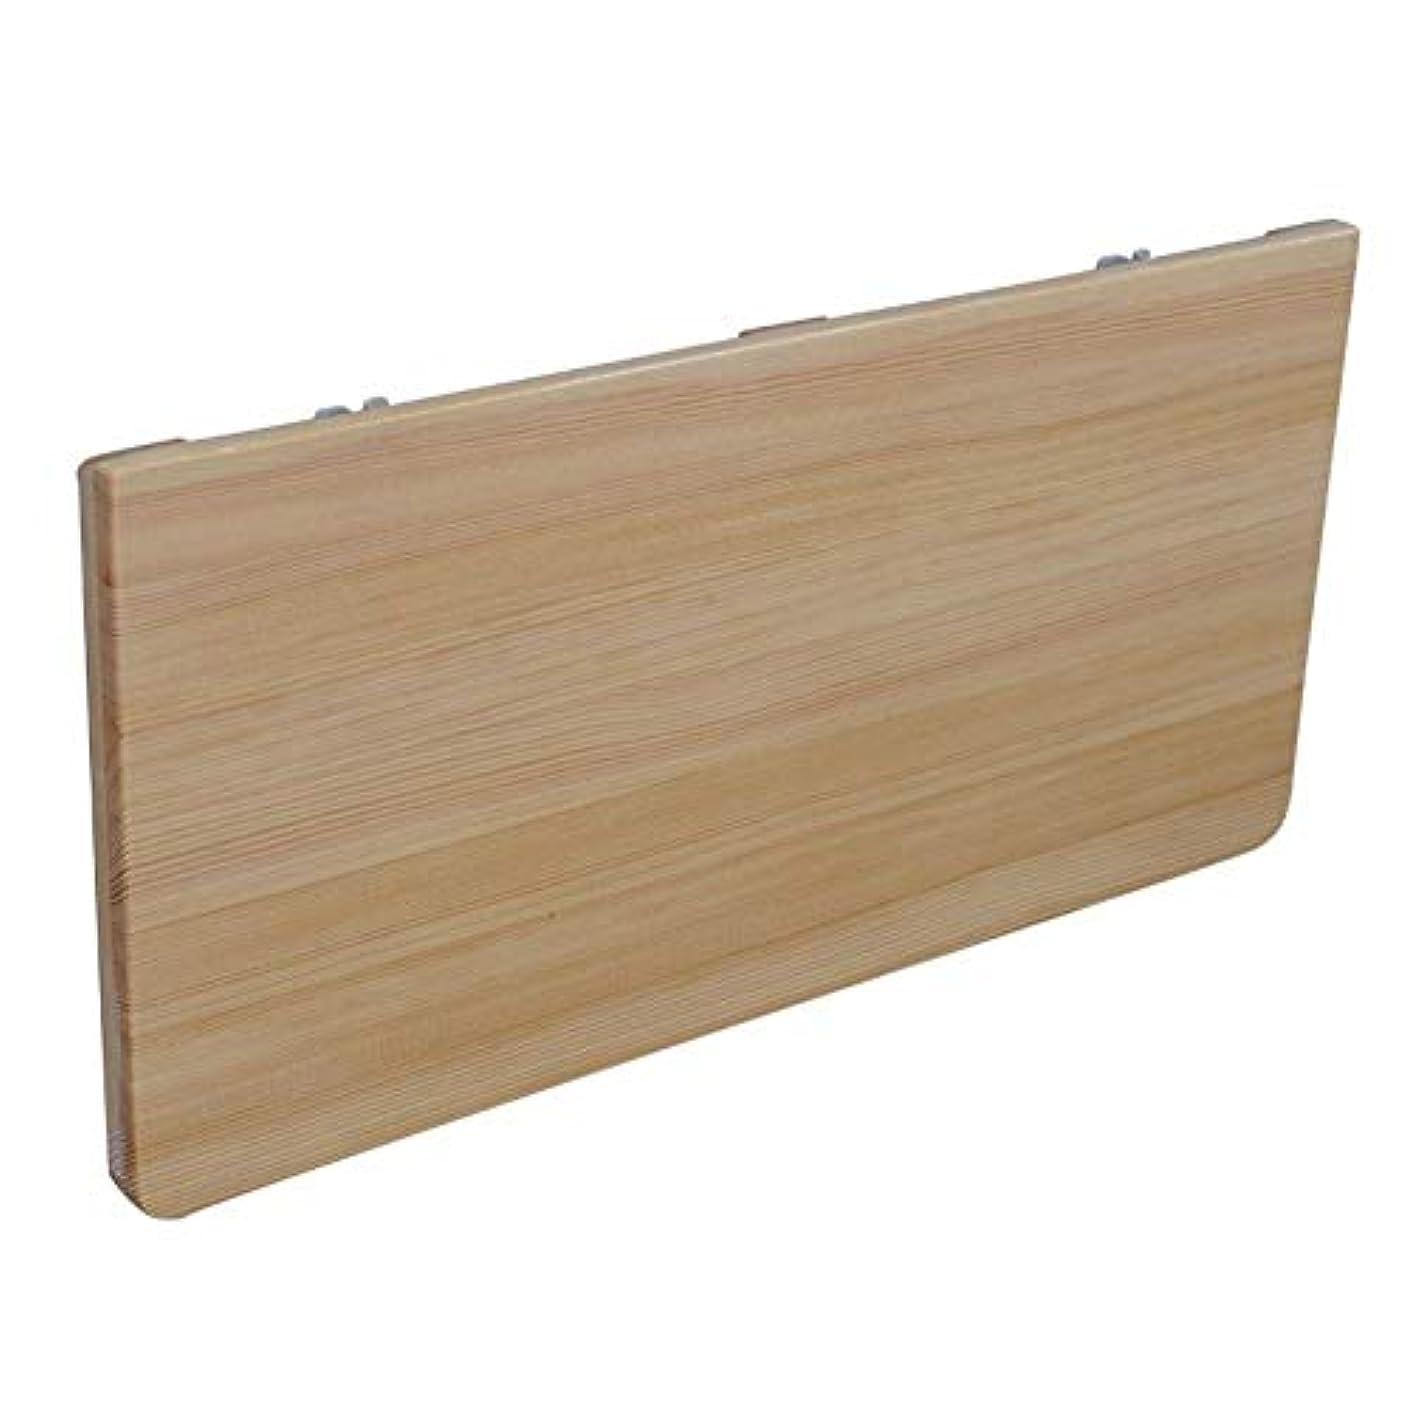 救急車かもめテスピアン折りたたみデスク 壁の自宅パソコンデスク折りたたみ式の机のテーブルに対してシンプルでモダンな壁掛け木製折りたたみテーブル-9サイズ A++ (Size : 60x30cm)